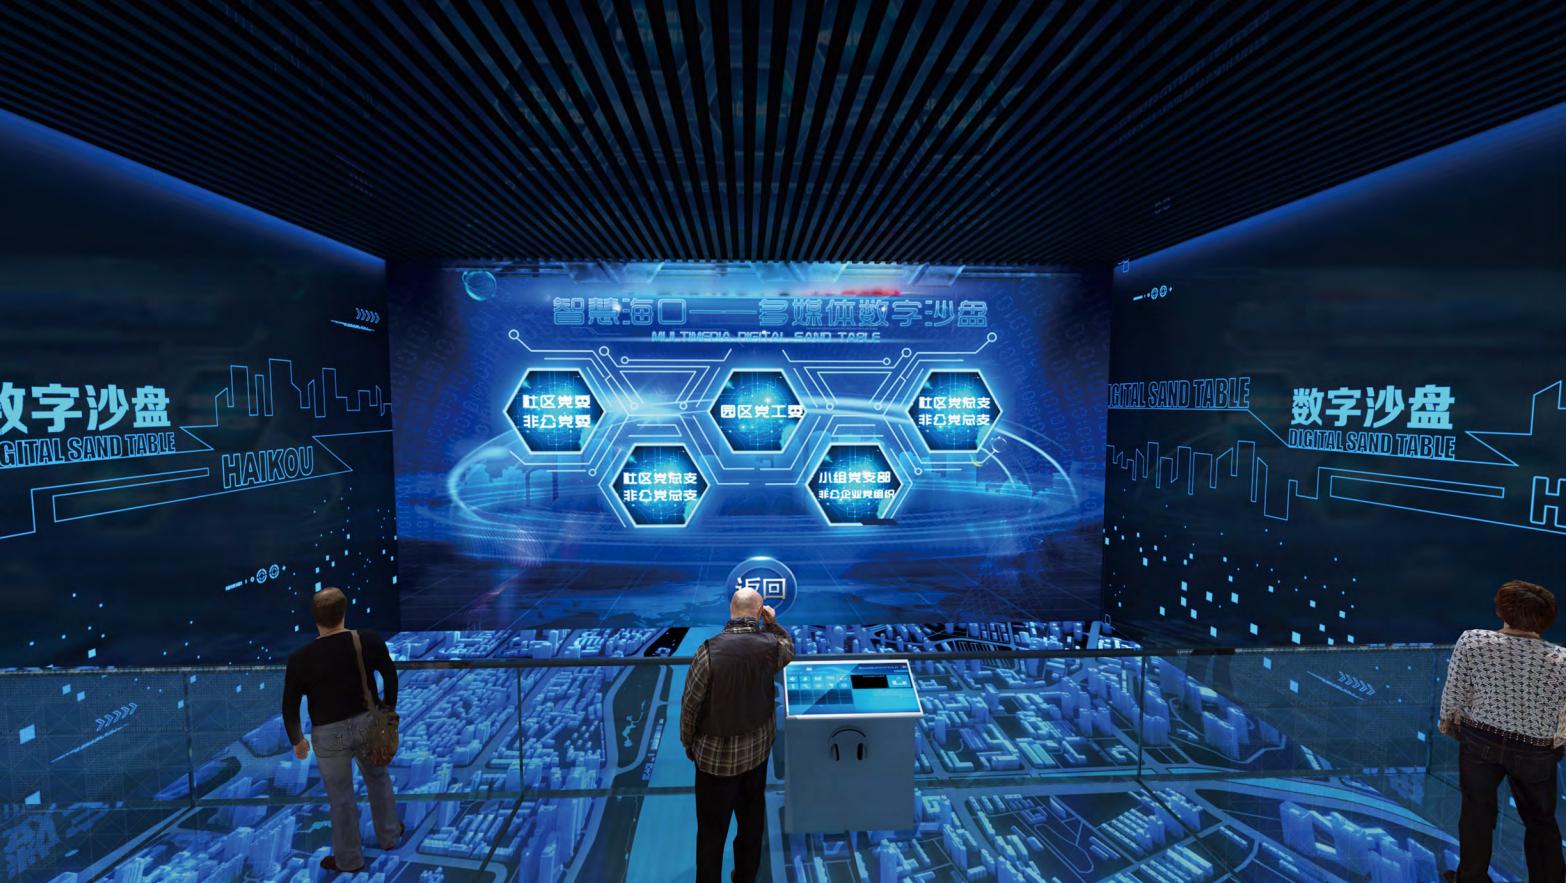 互动多媒体_虚拟数字投影沙盘——鸿光数字多媒体_北京鸿光科技有限公司